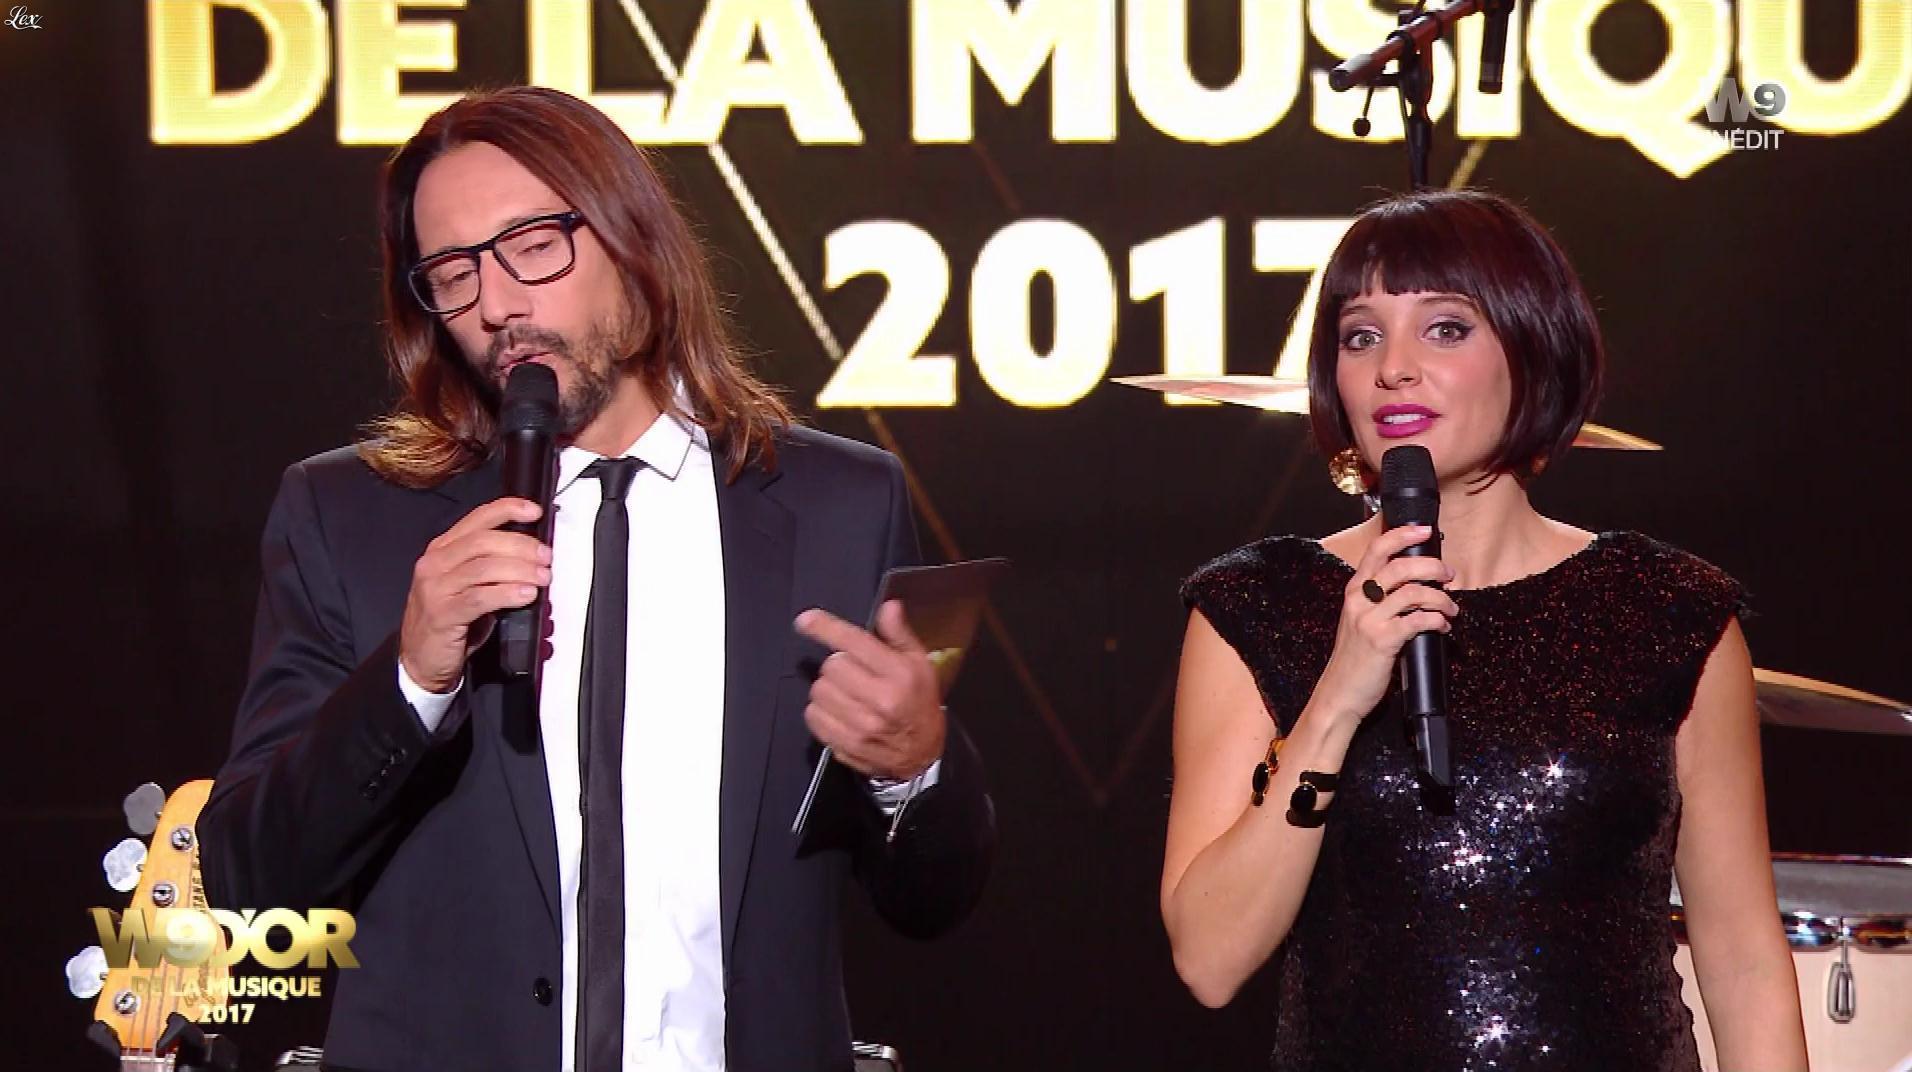 Erika Moulet lors des W9 d'Or. Diffusé à la télévision le 27/12/17.